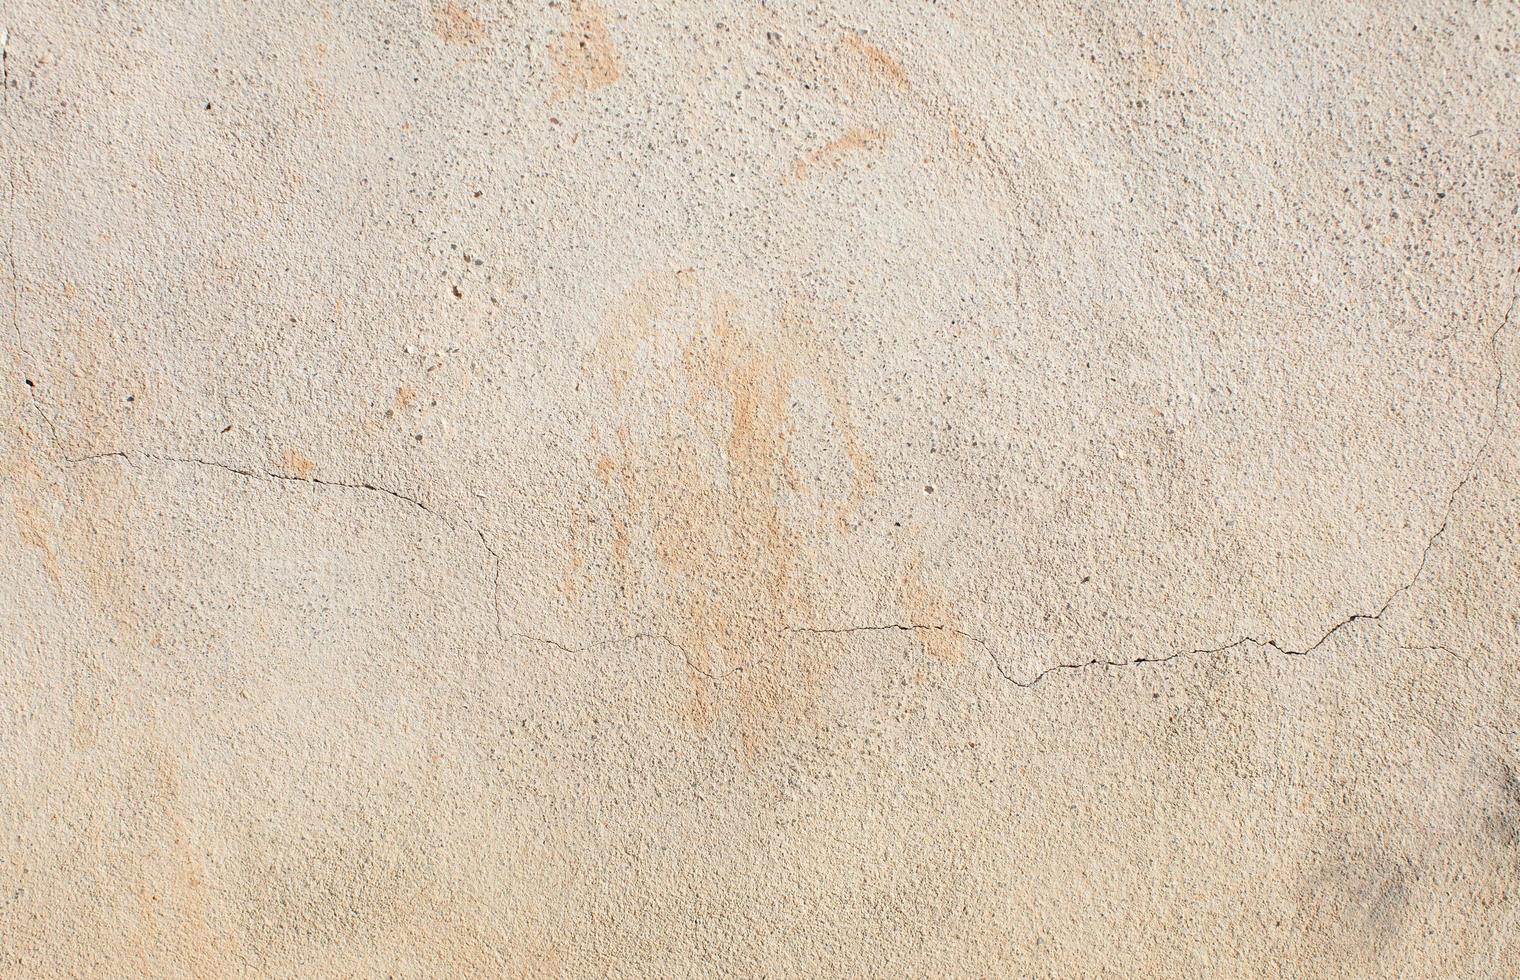 texture de mur beige photo